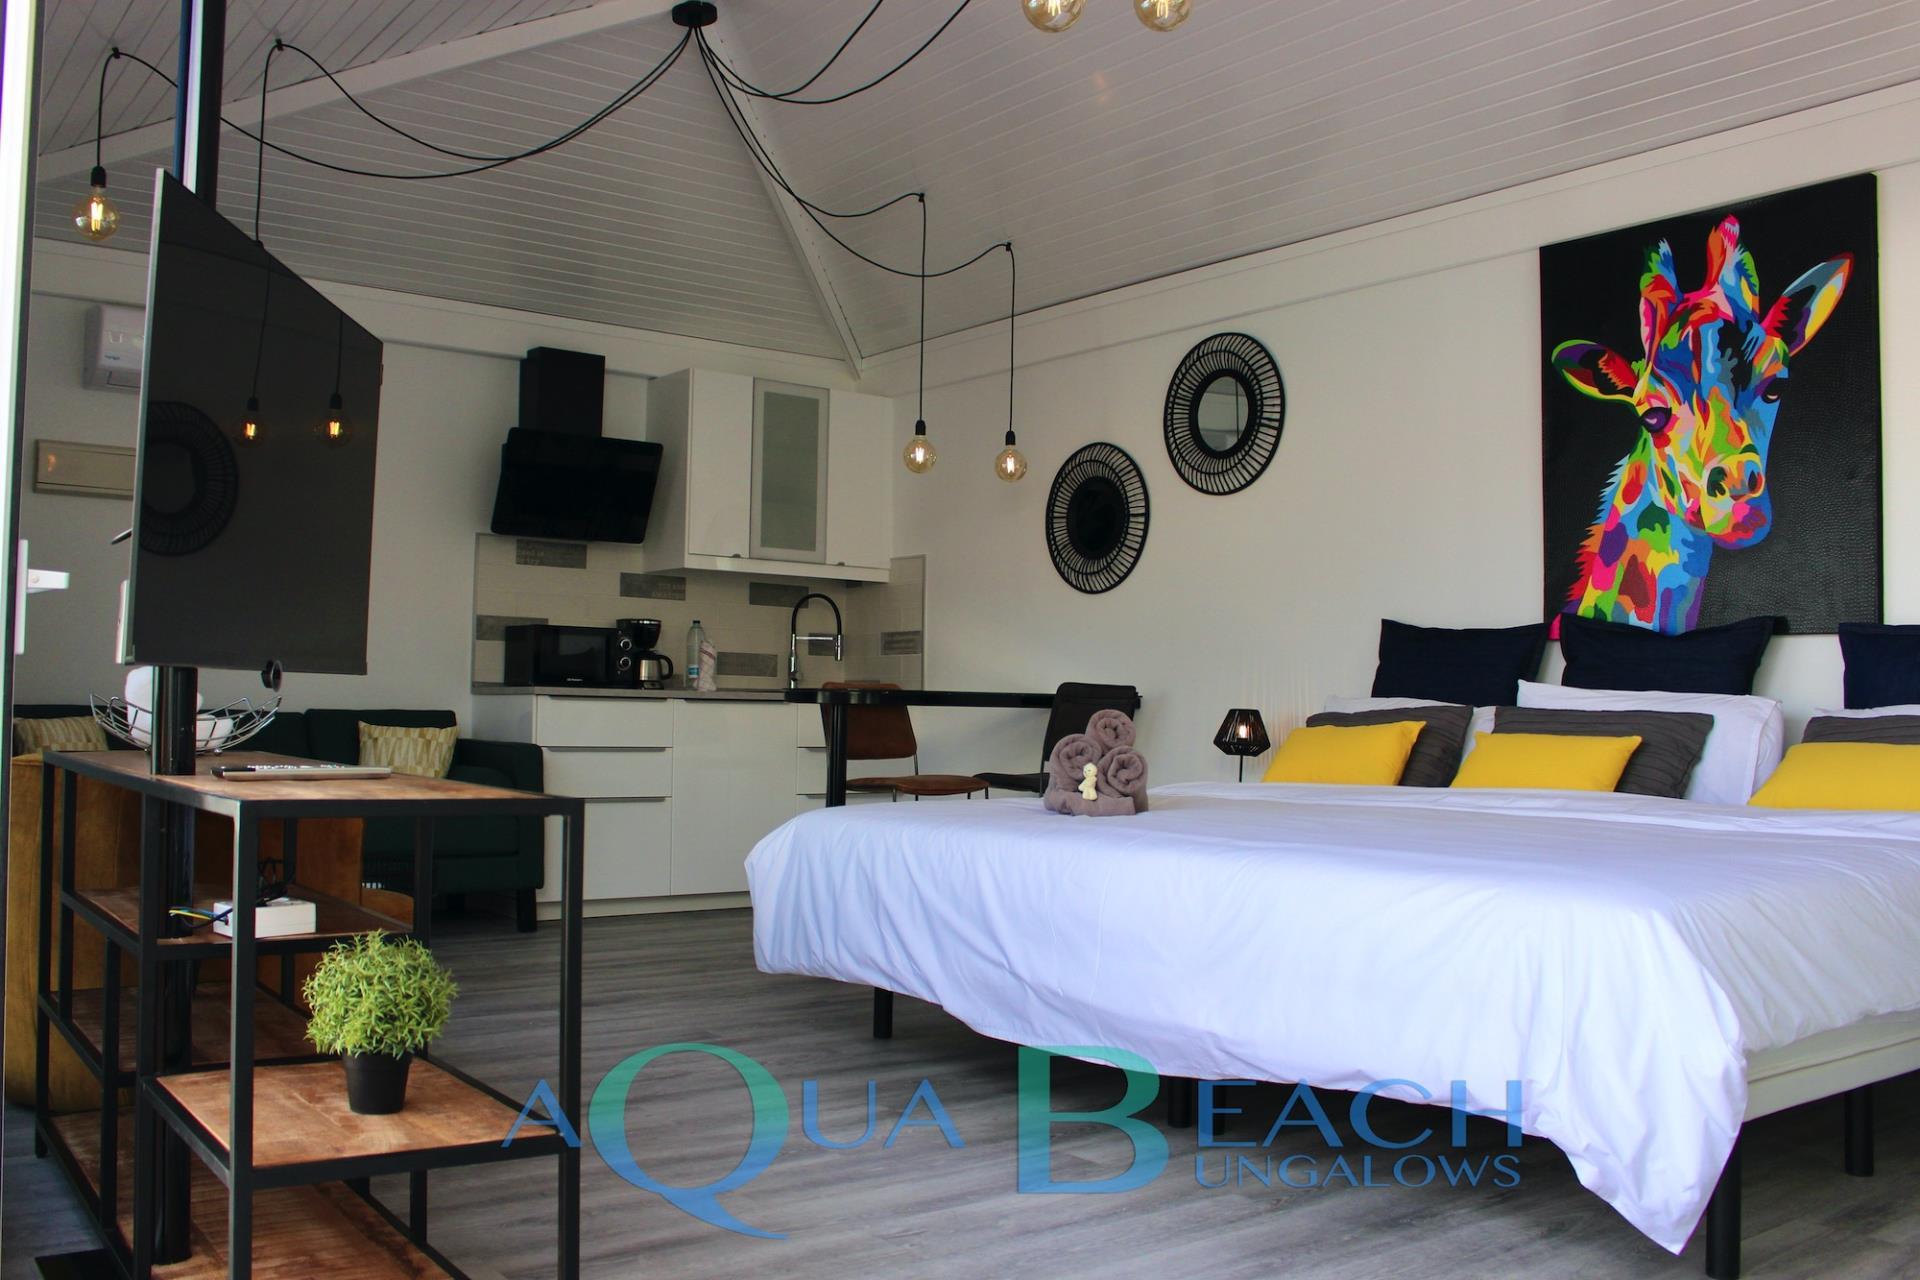 villa blancas gay suites maspalomas gay resorts aqua beach bungalows